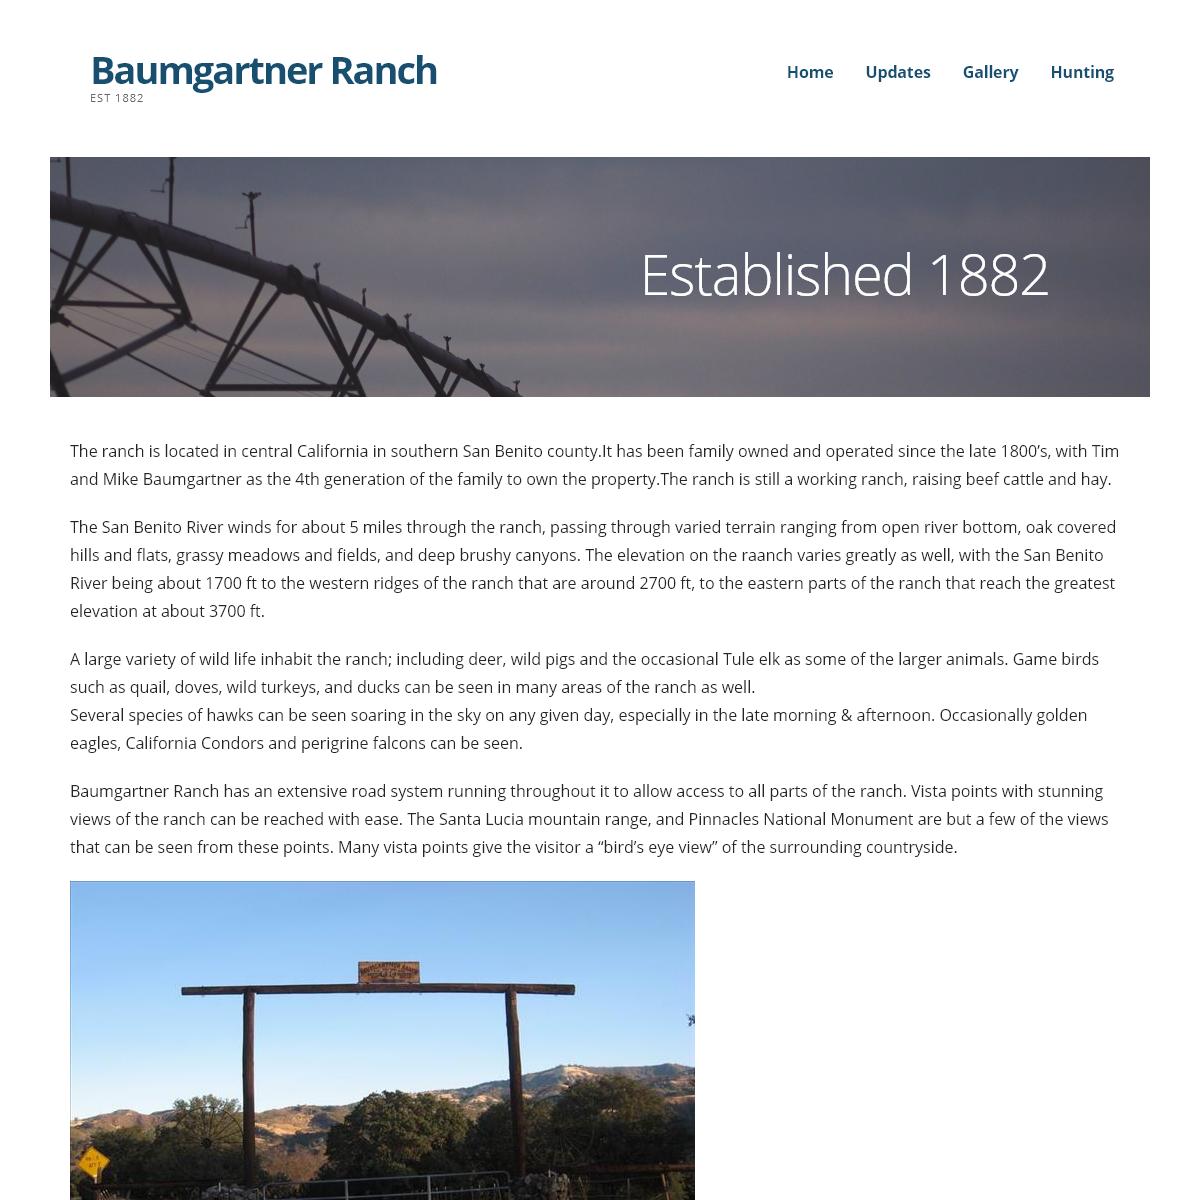 Baumgartner Ranch – Est 1882